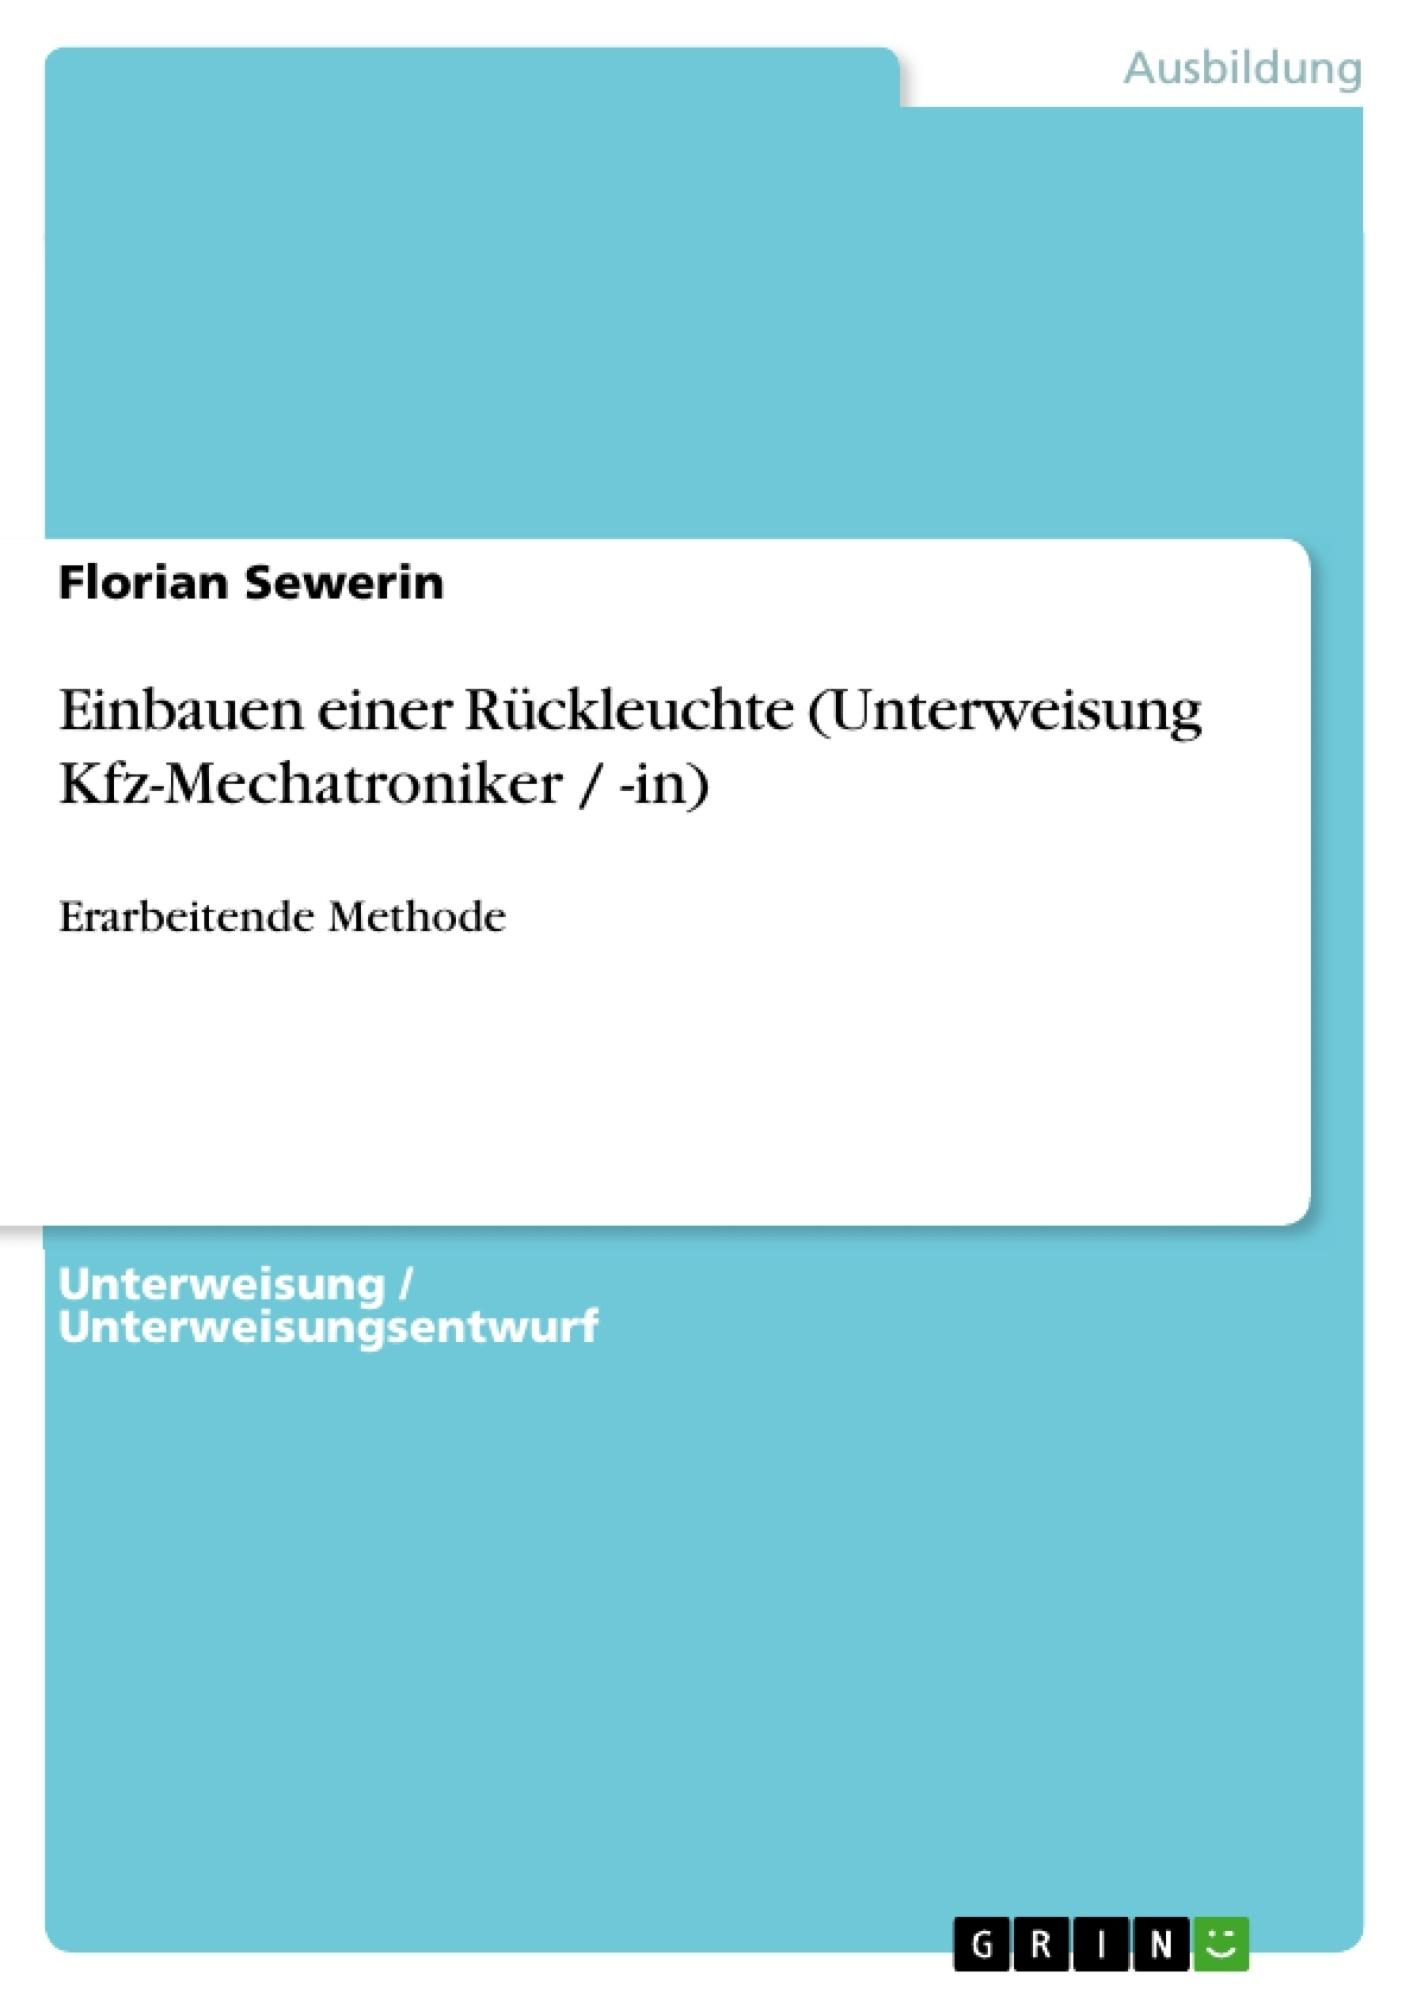 Titel: Einbauen einer Rückleuchte (Unterweisung Kfz-Mechatroniker / -in)